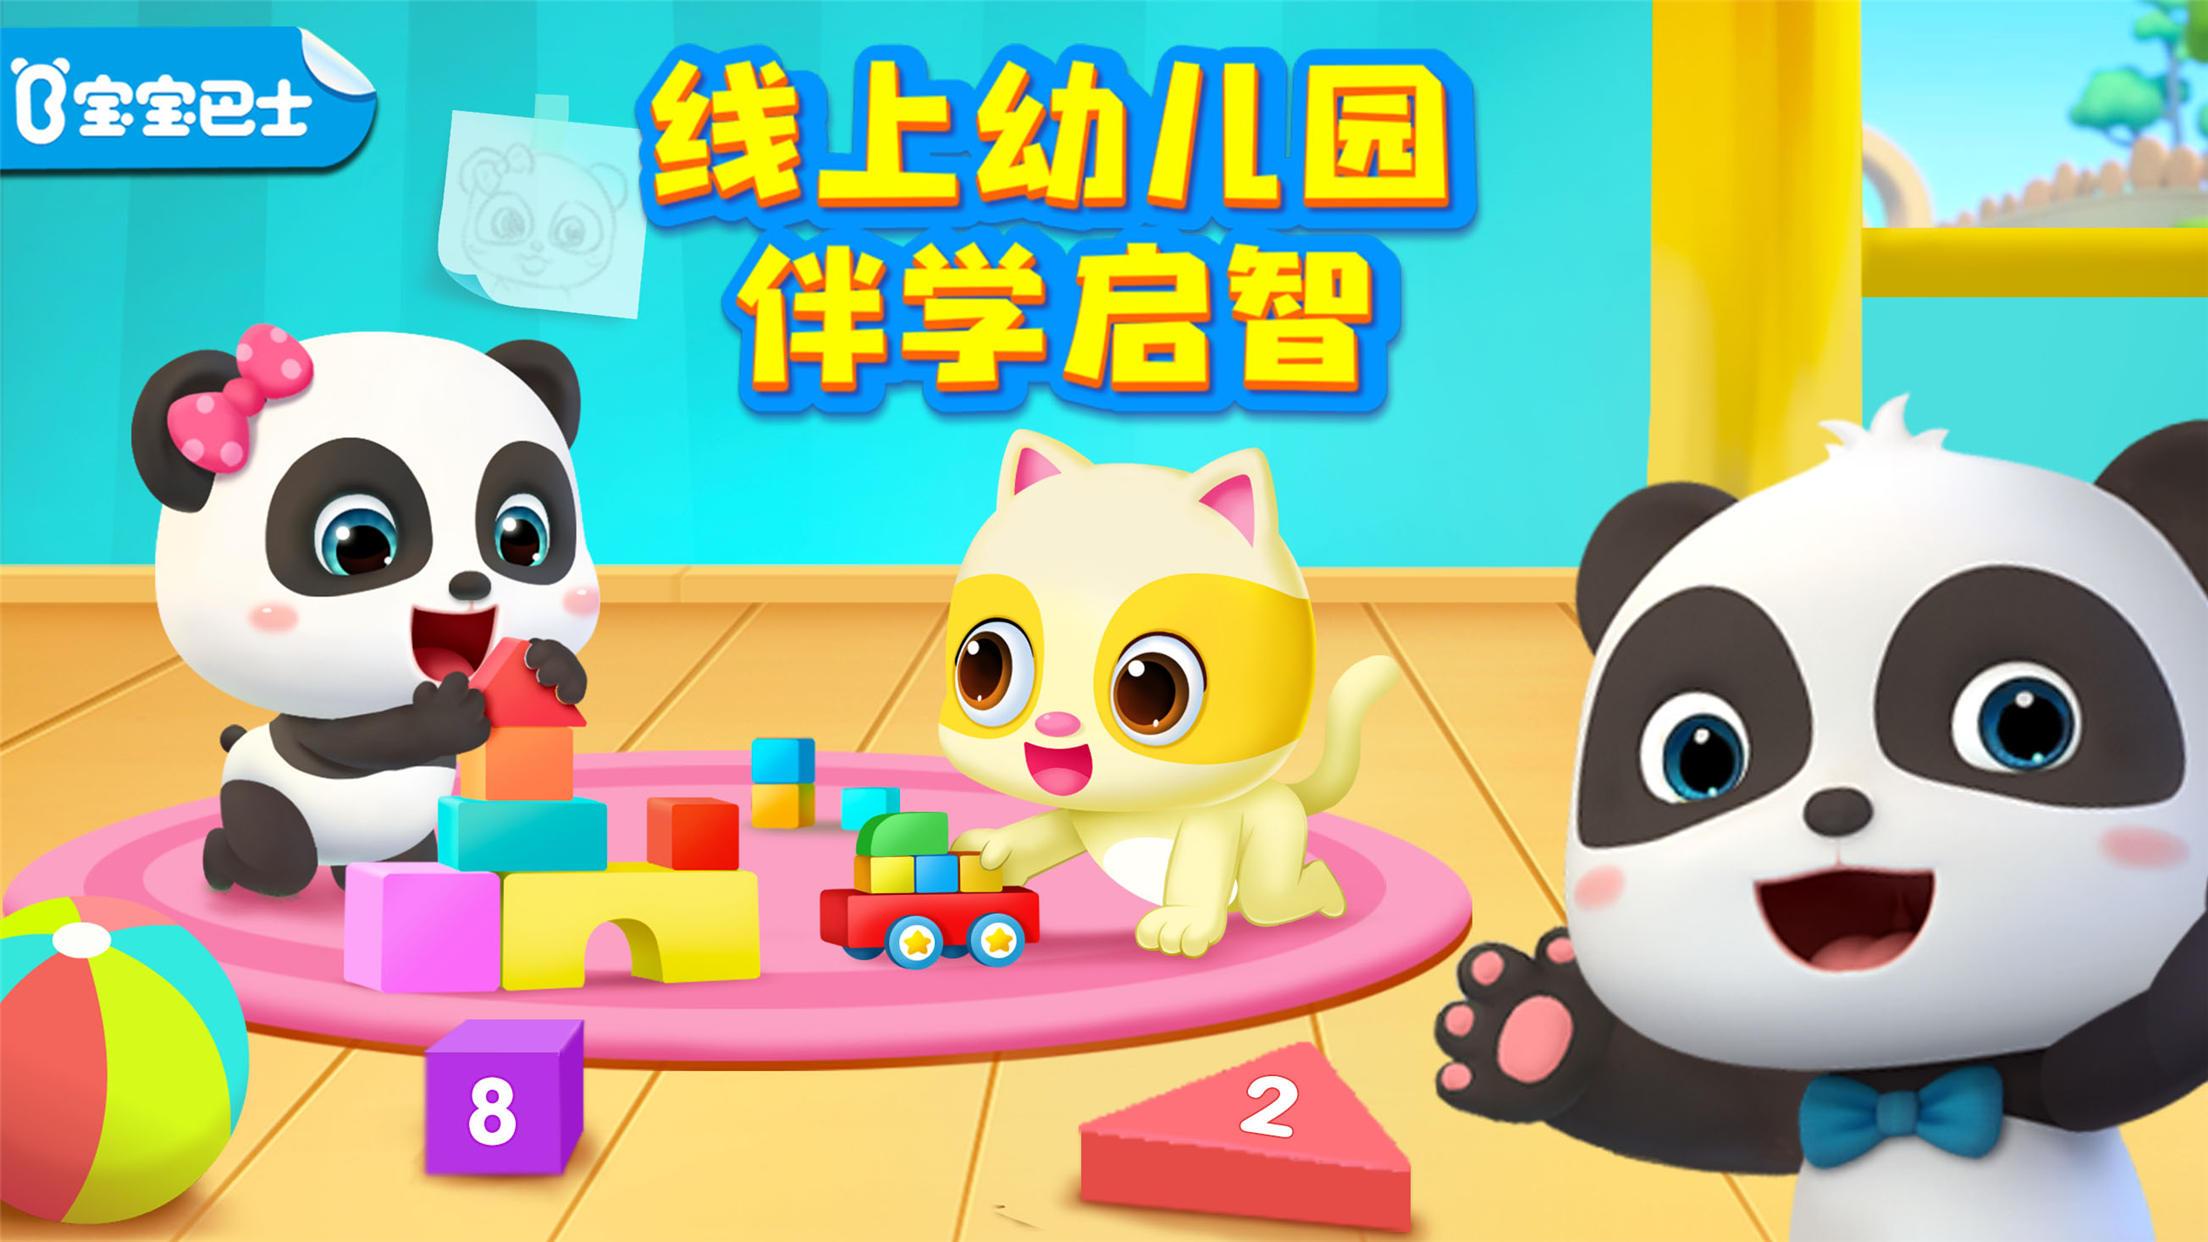 宝宝巴士电视版app V1.7.2 安卓HD版截图2